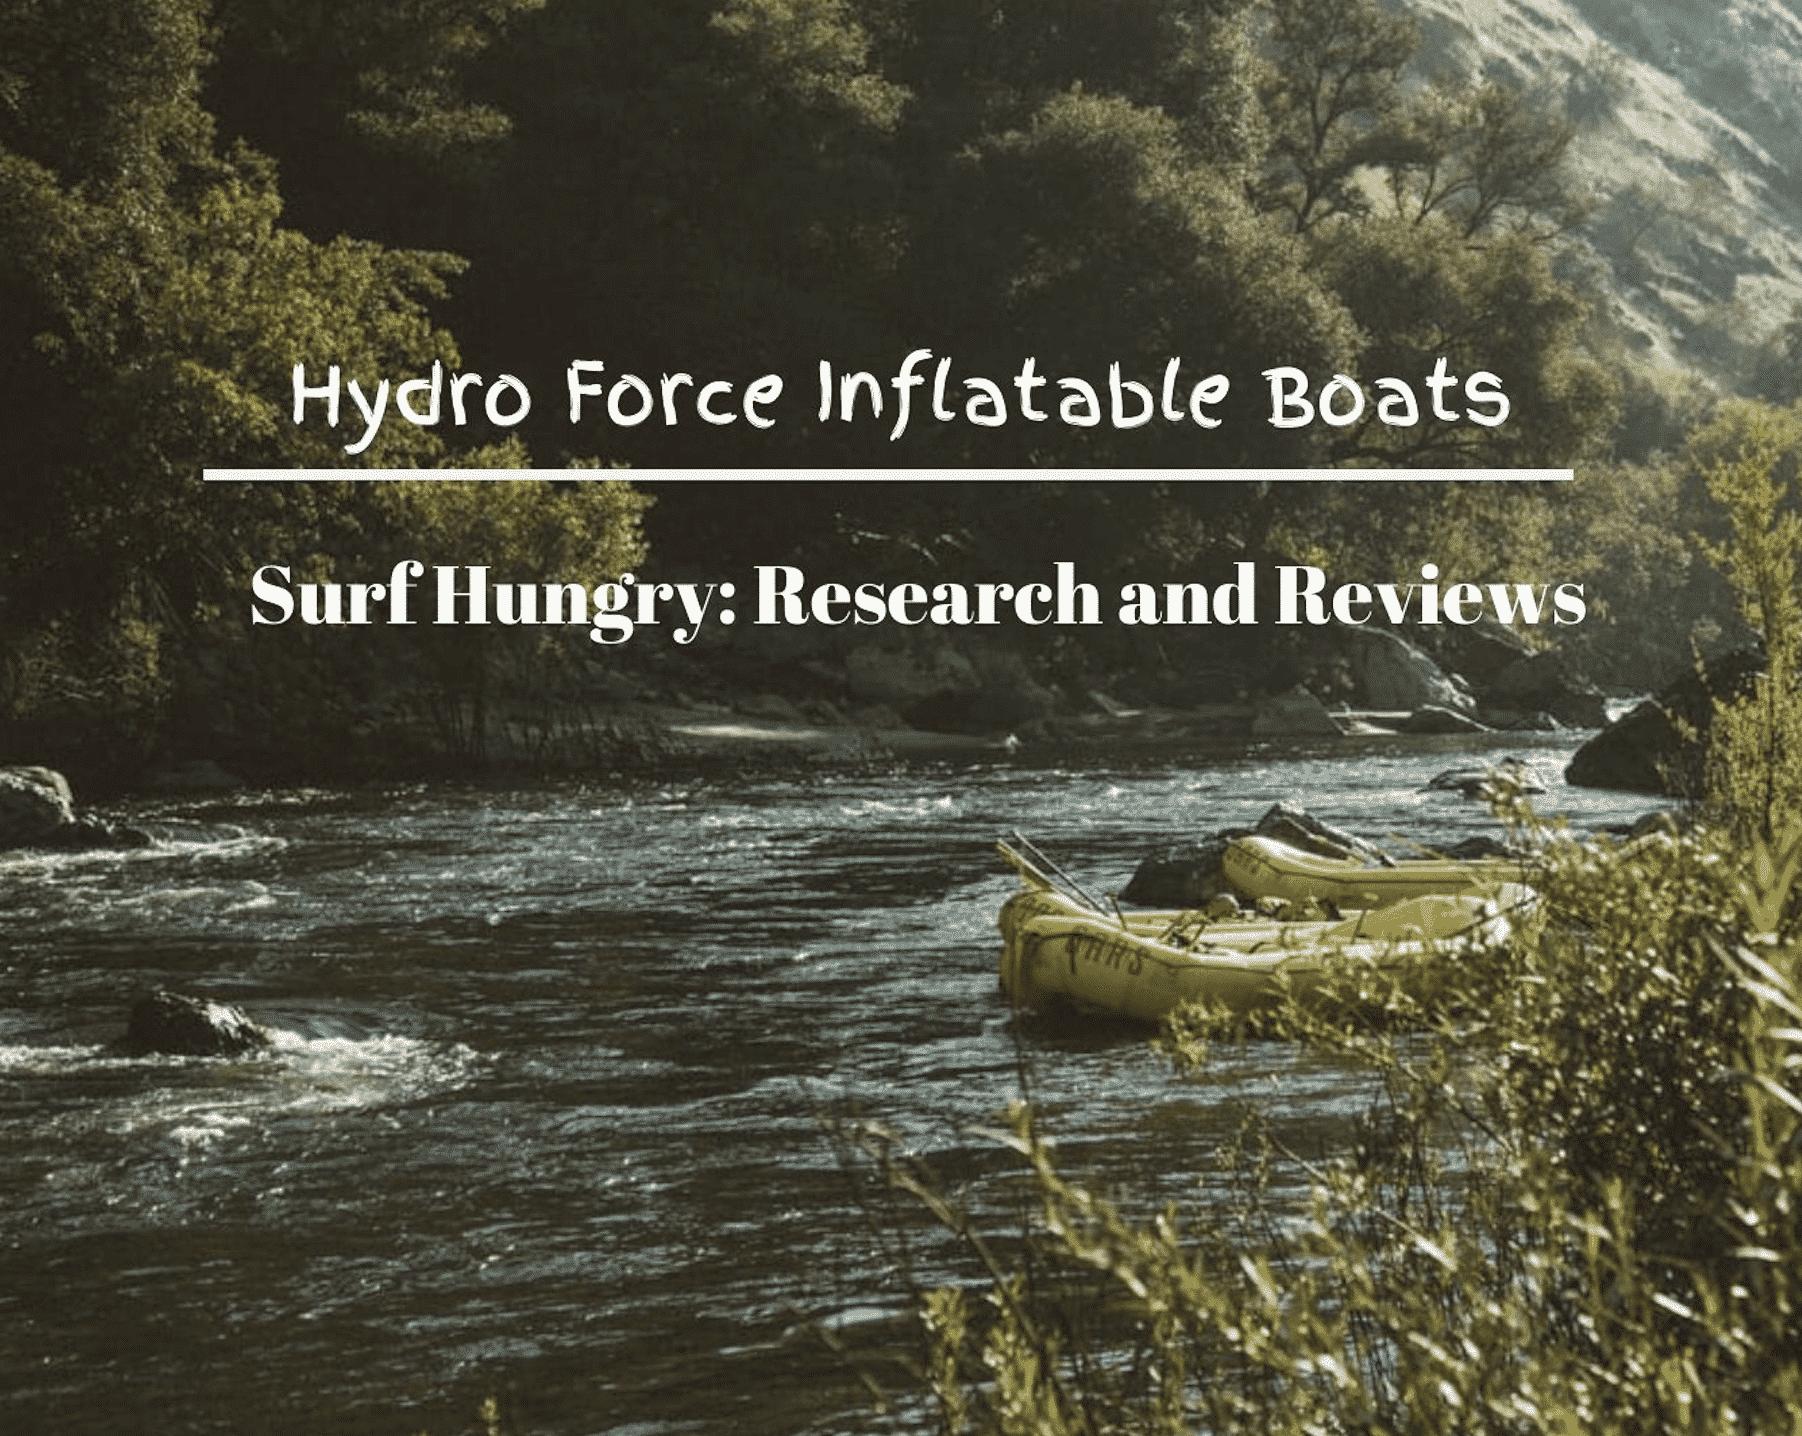 hydro force mirovia pro